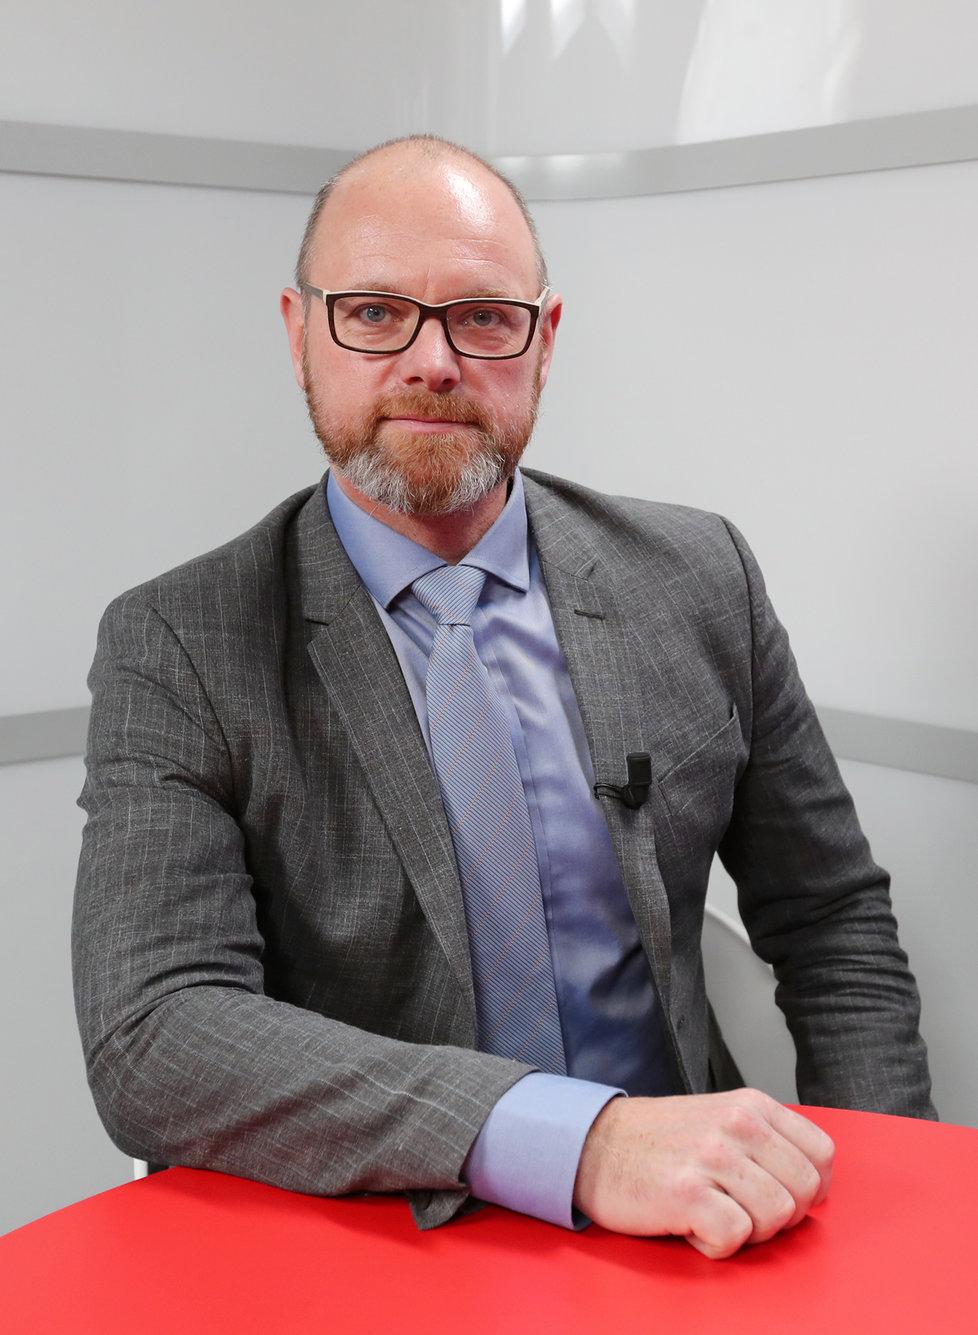 Ministr školství Robert Plaga (ANO) byl hostem Epicentra v den, kdy byly uzavřeny základní až vysoké školy v Česku kvůli koronaviru (11.3.2020)